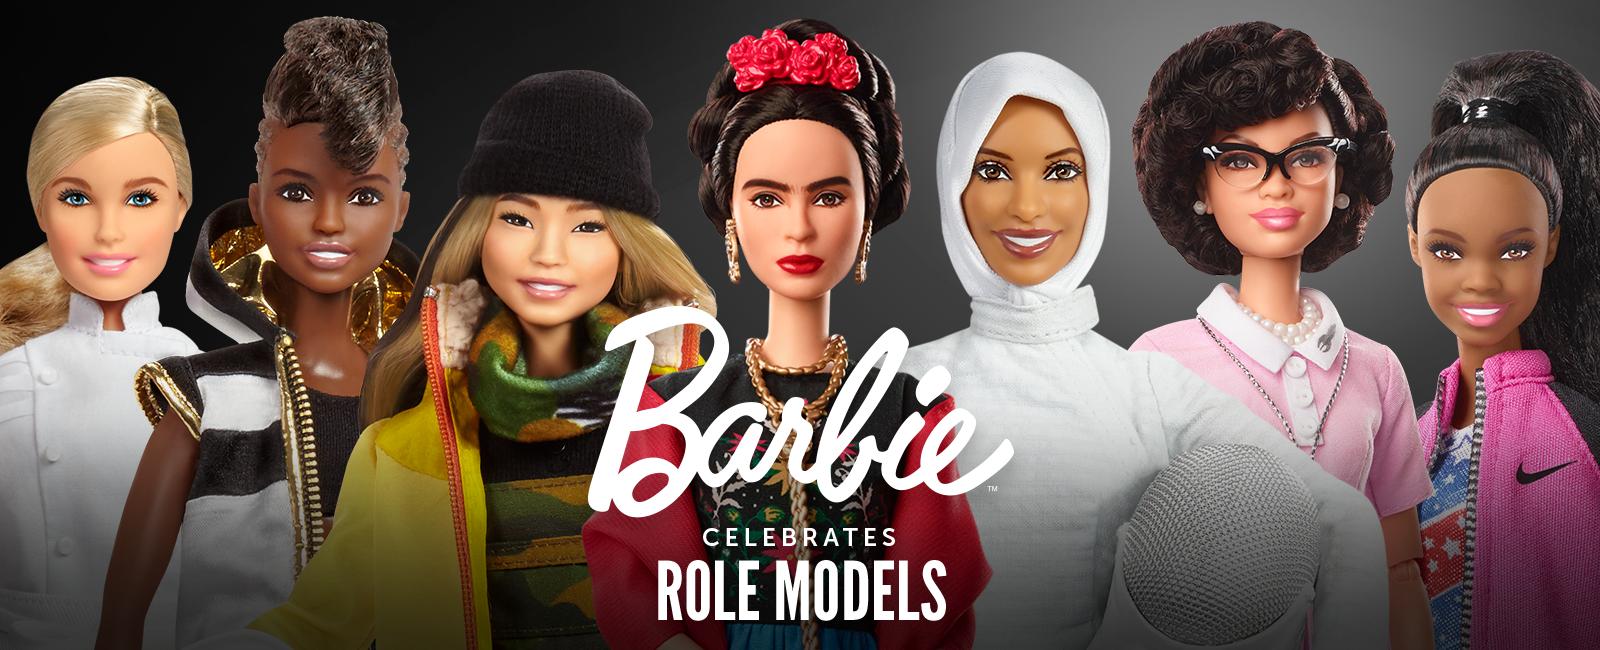 Barbie, da Mattel: coleção traz mulheres inspiradoras